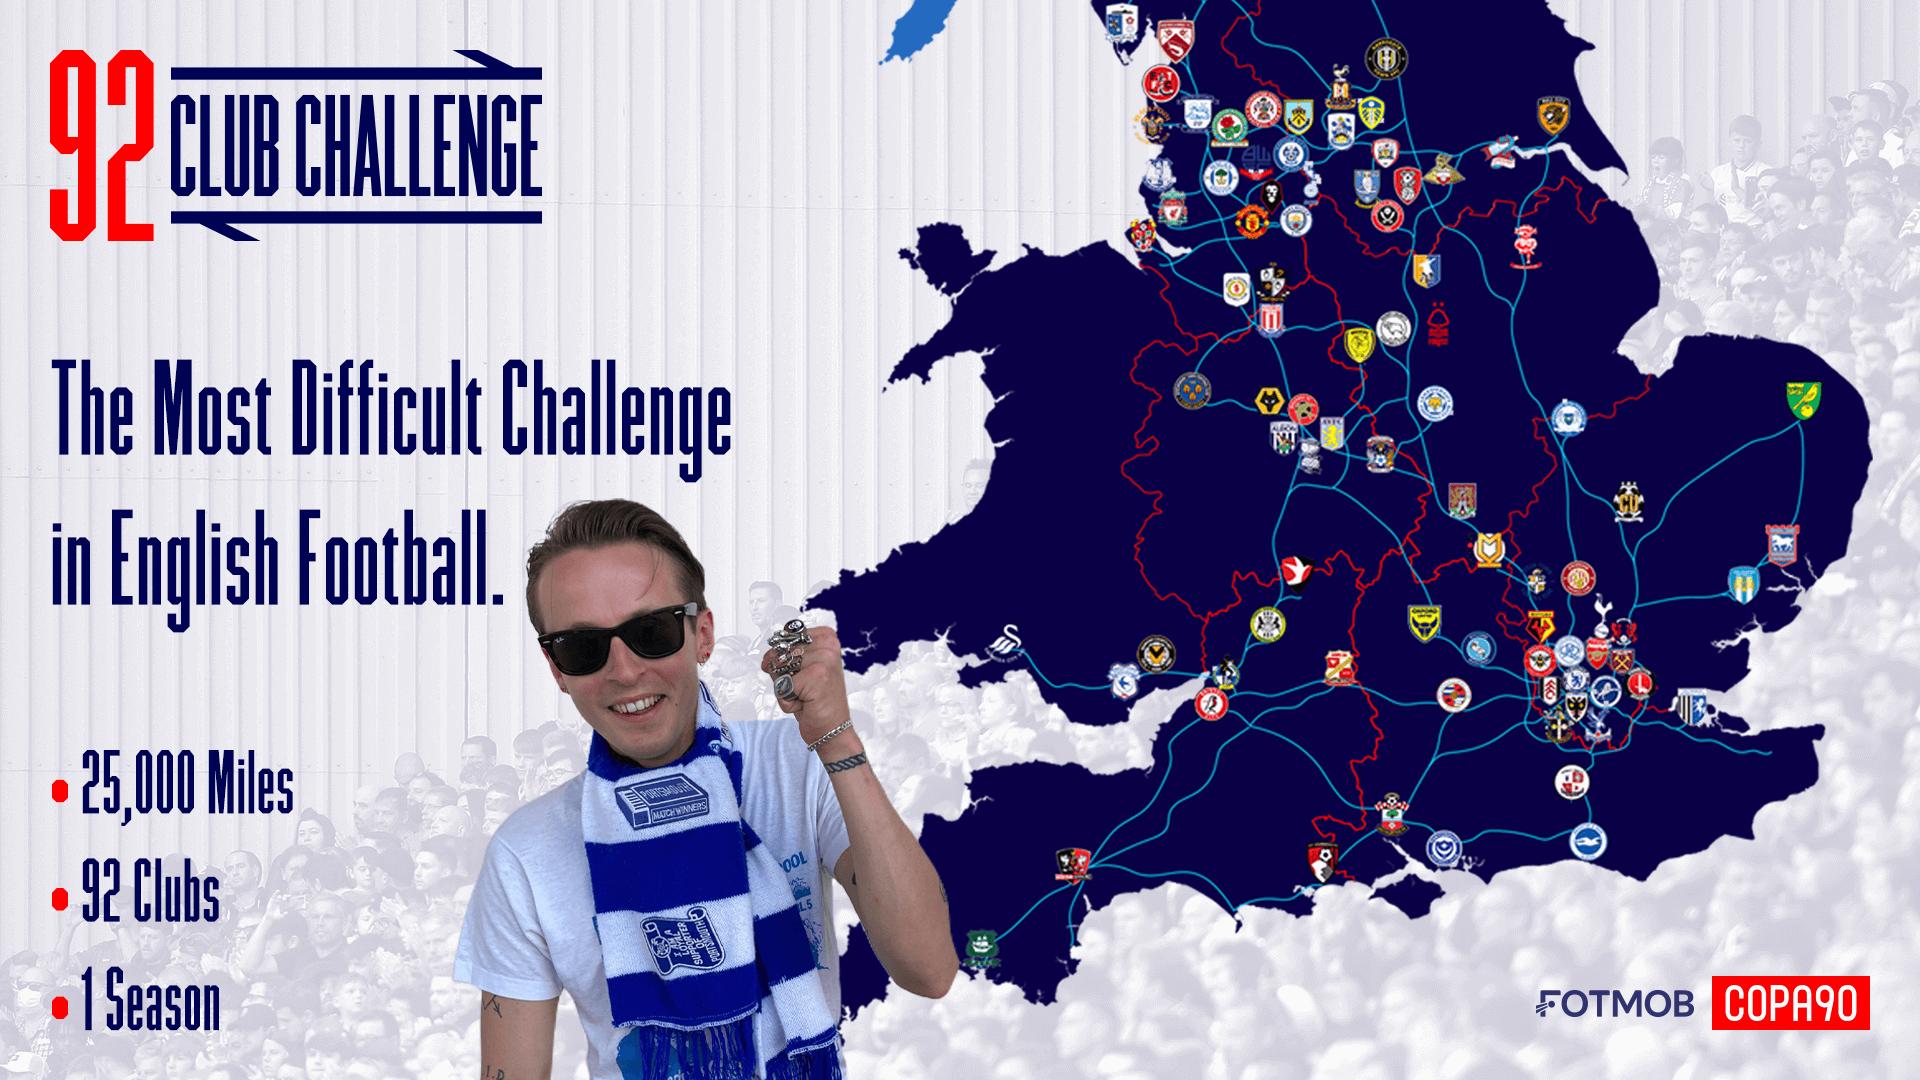 The 92 Club Challenge: Selhurst Park